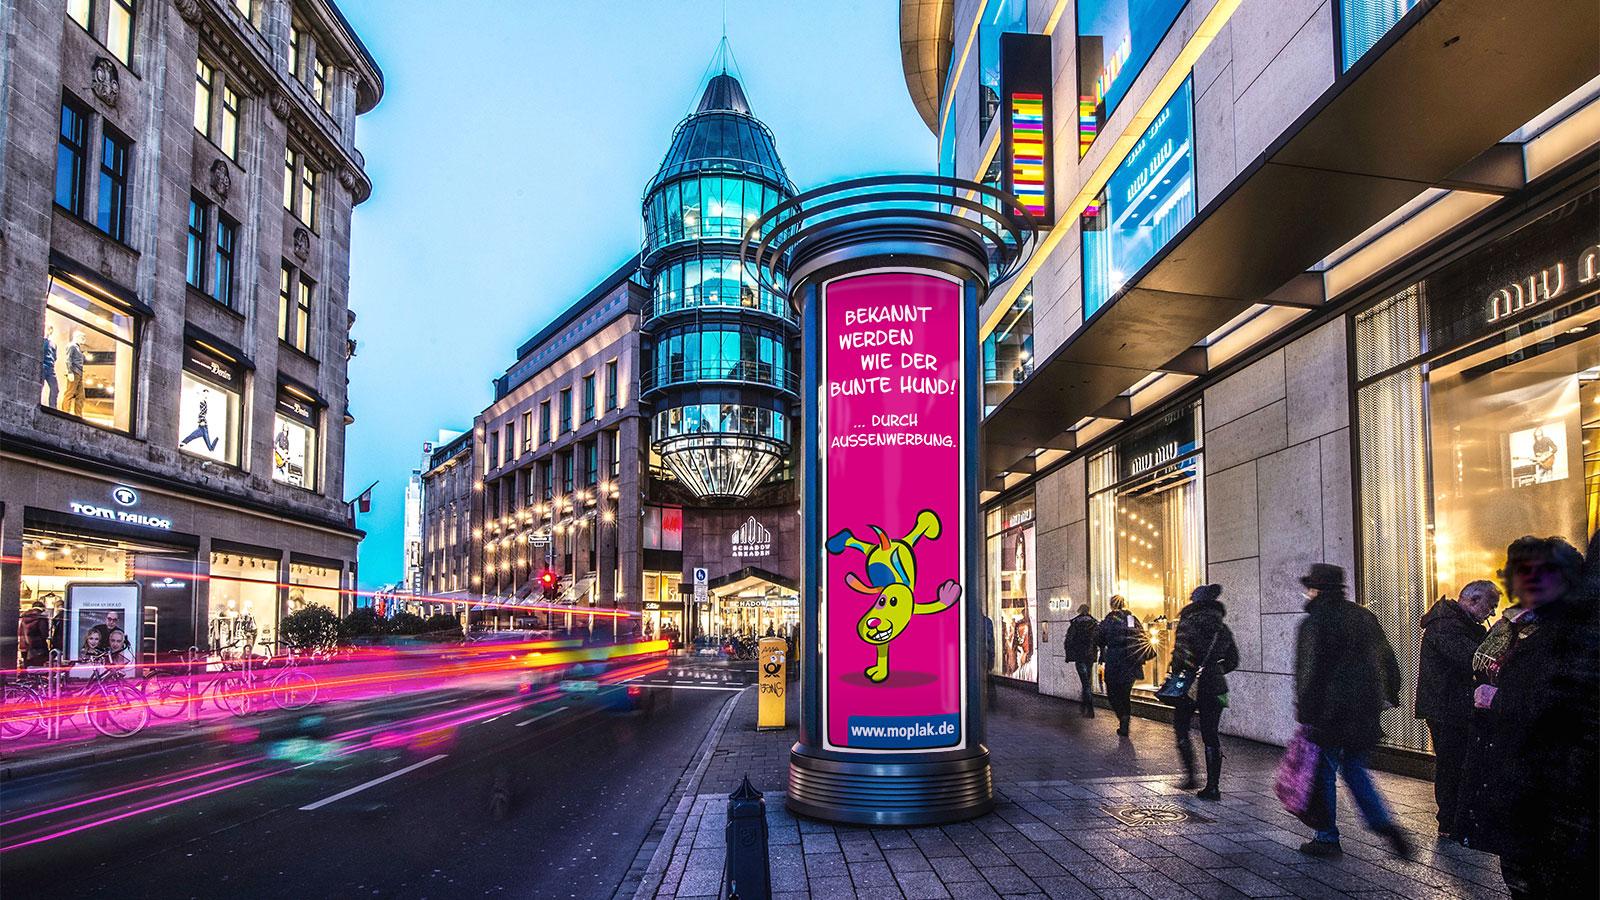 Erfurt-Aussenwerbung-Litfasssaeule-Werbung